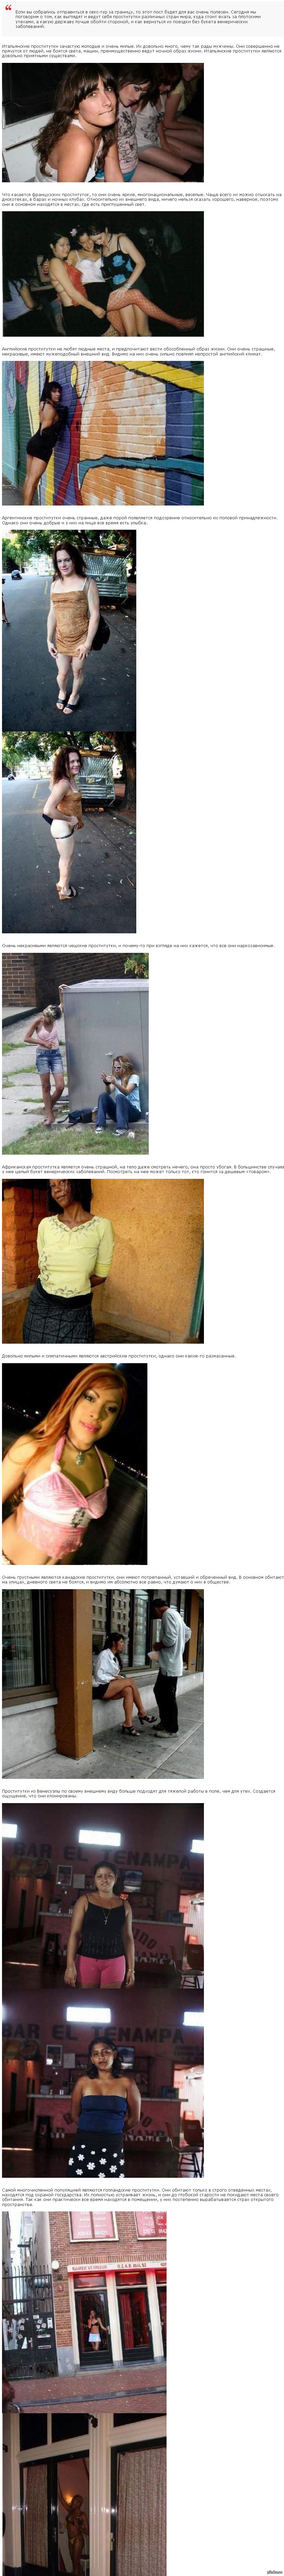 Фото проституток в разных стран смотреть 6 фотография